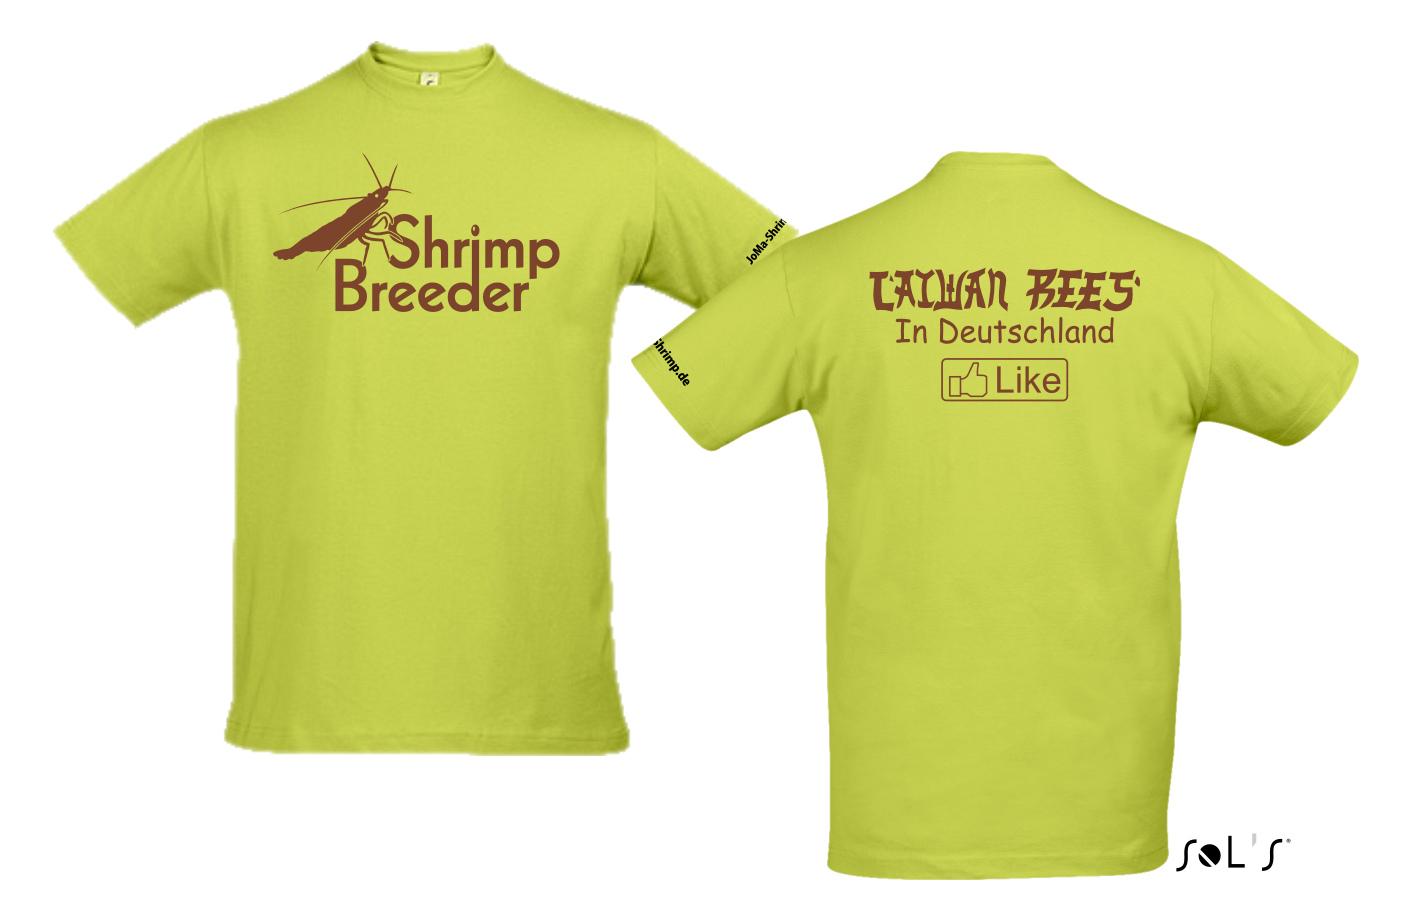 Taiwan Bees in Deutschland T-Shirt